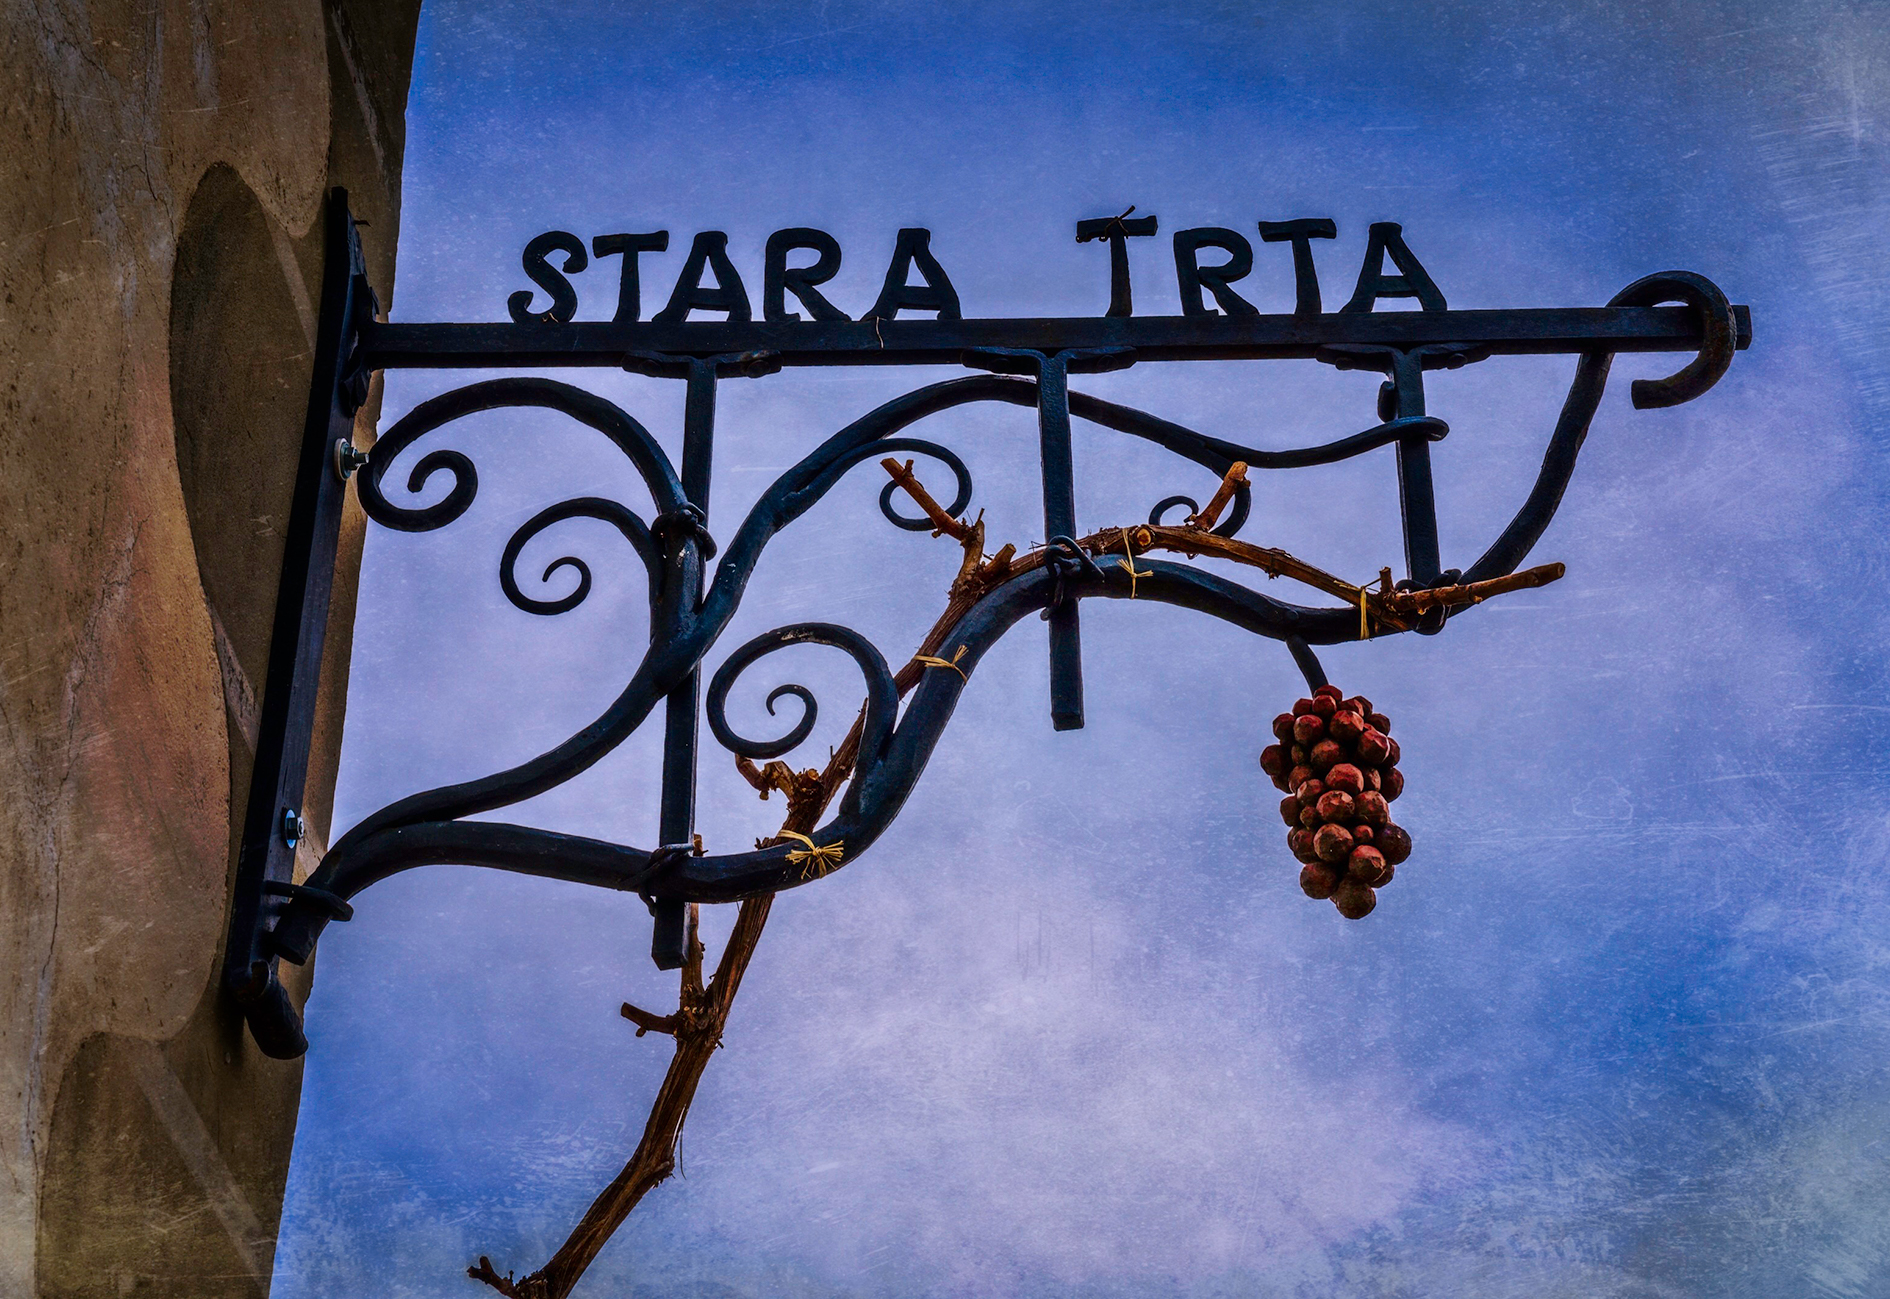 stara_trta_1.jpg